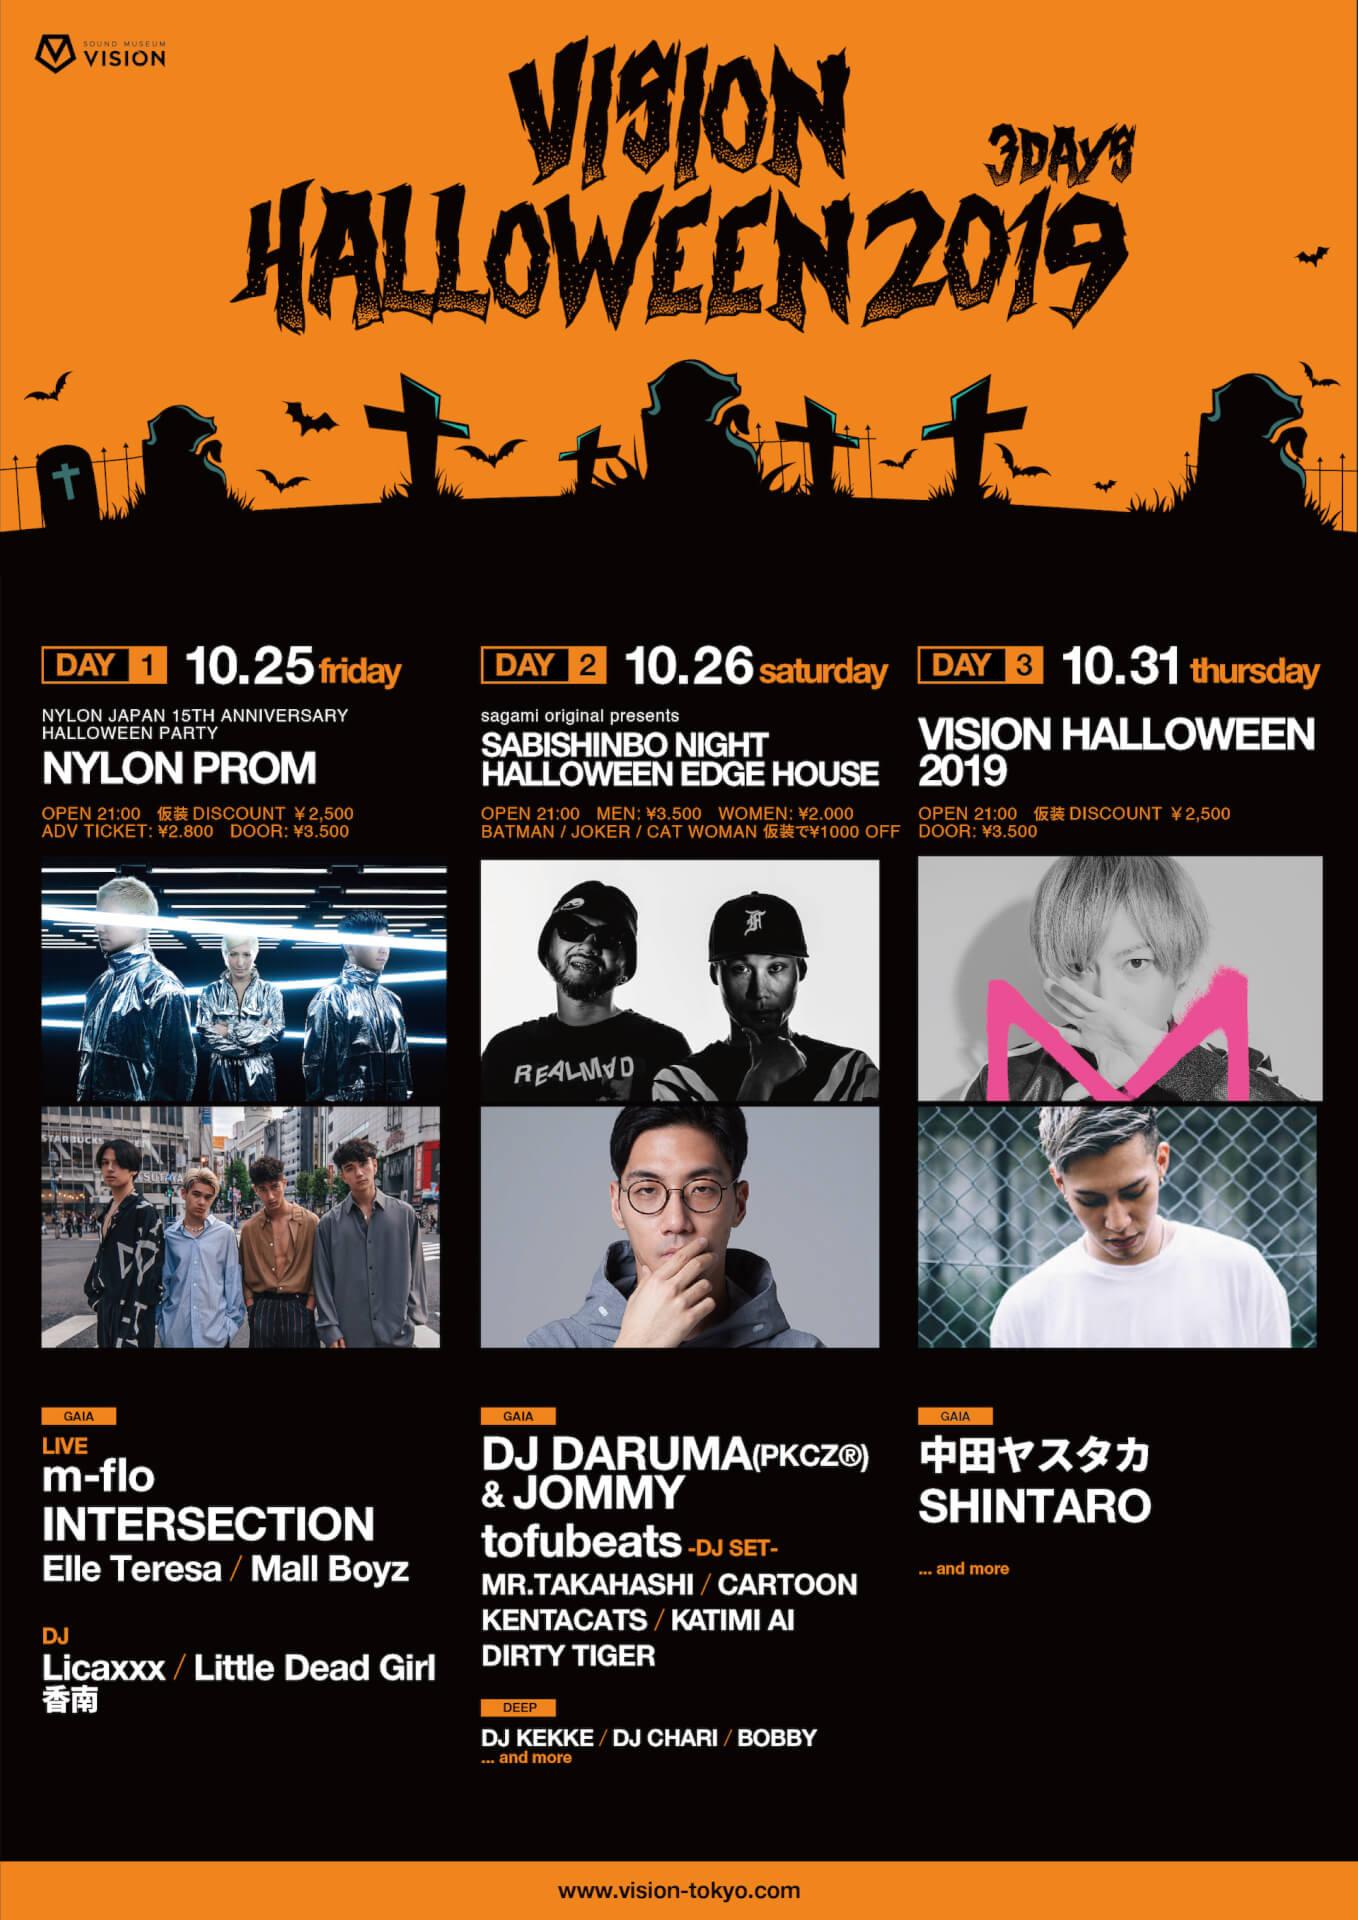 渋谷・SOUND MUSEUM VISIONにて、毎年恒例のハロウィンイベントが3日間に渡り開催|m-flo、tofubeats、中田ヤスタカらが登場 2019halloween